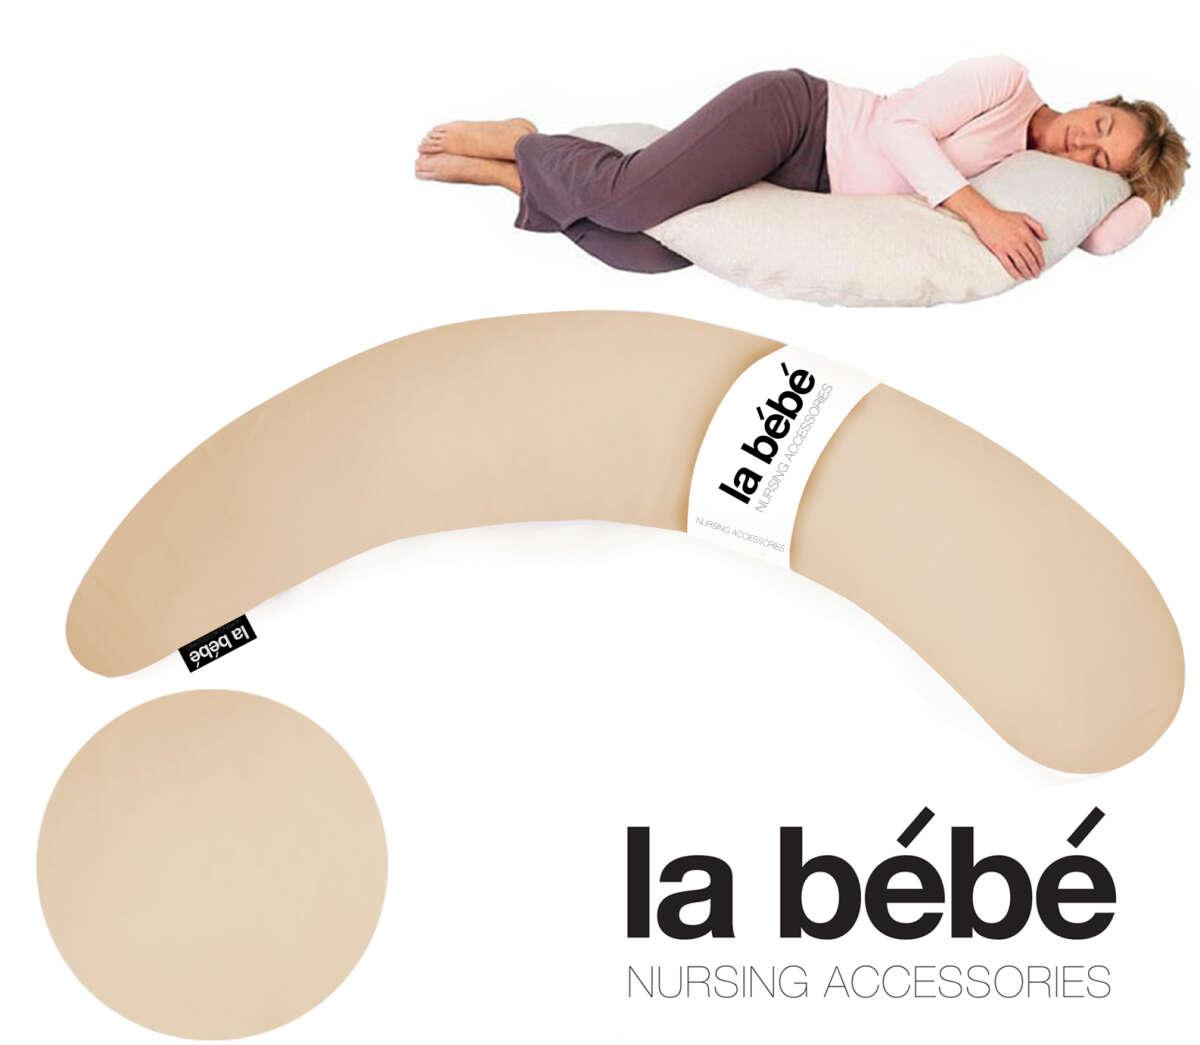 La Bebe™ Moon Maternity Pillow Art.77962 Light Beige Spilvens-pakavs grūtniecēm ar polistirola pildījumu.185cm